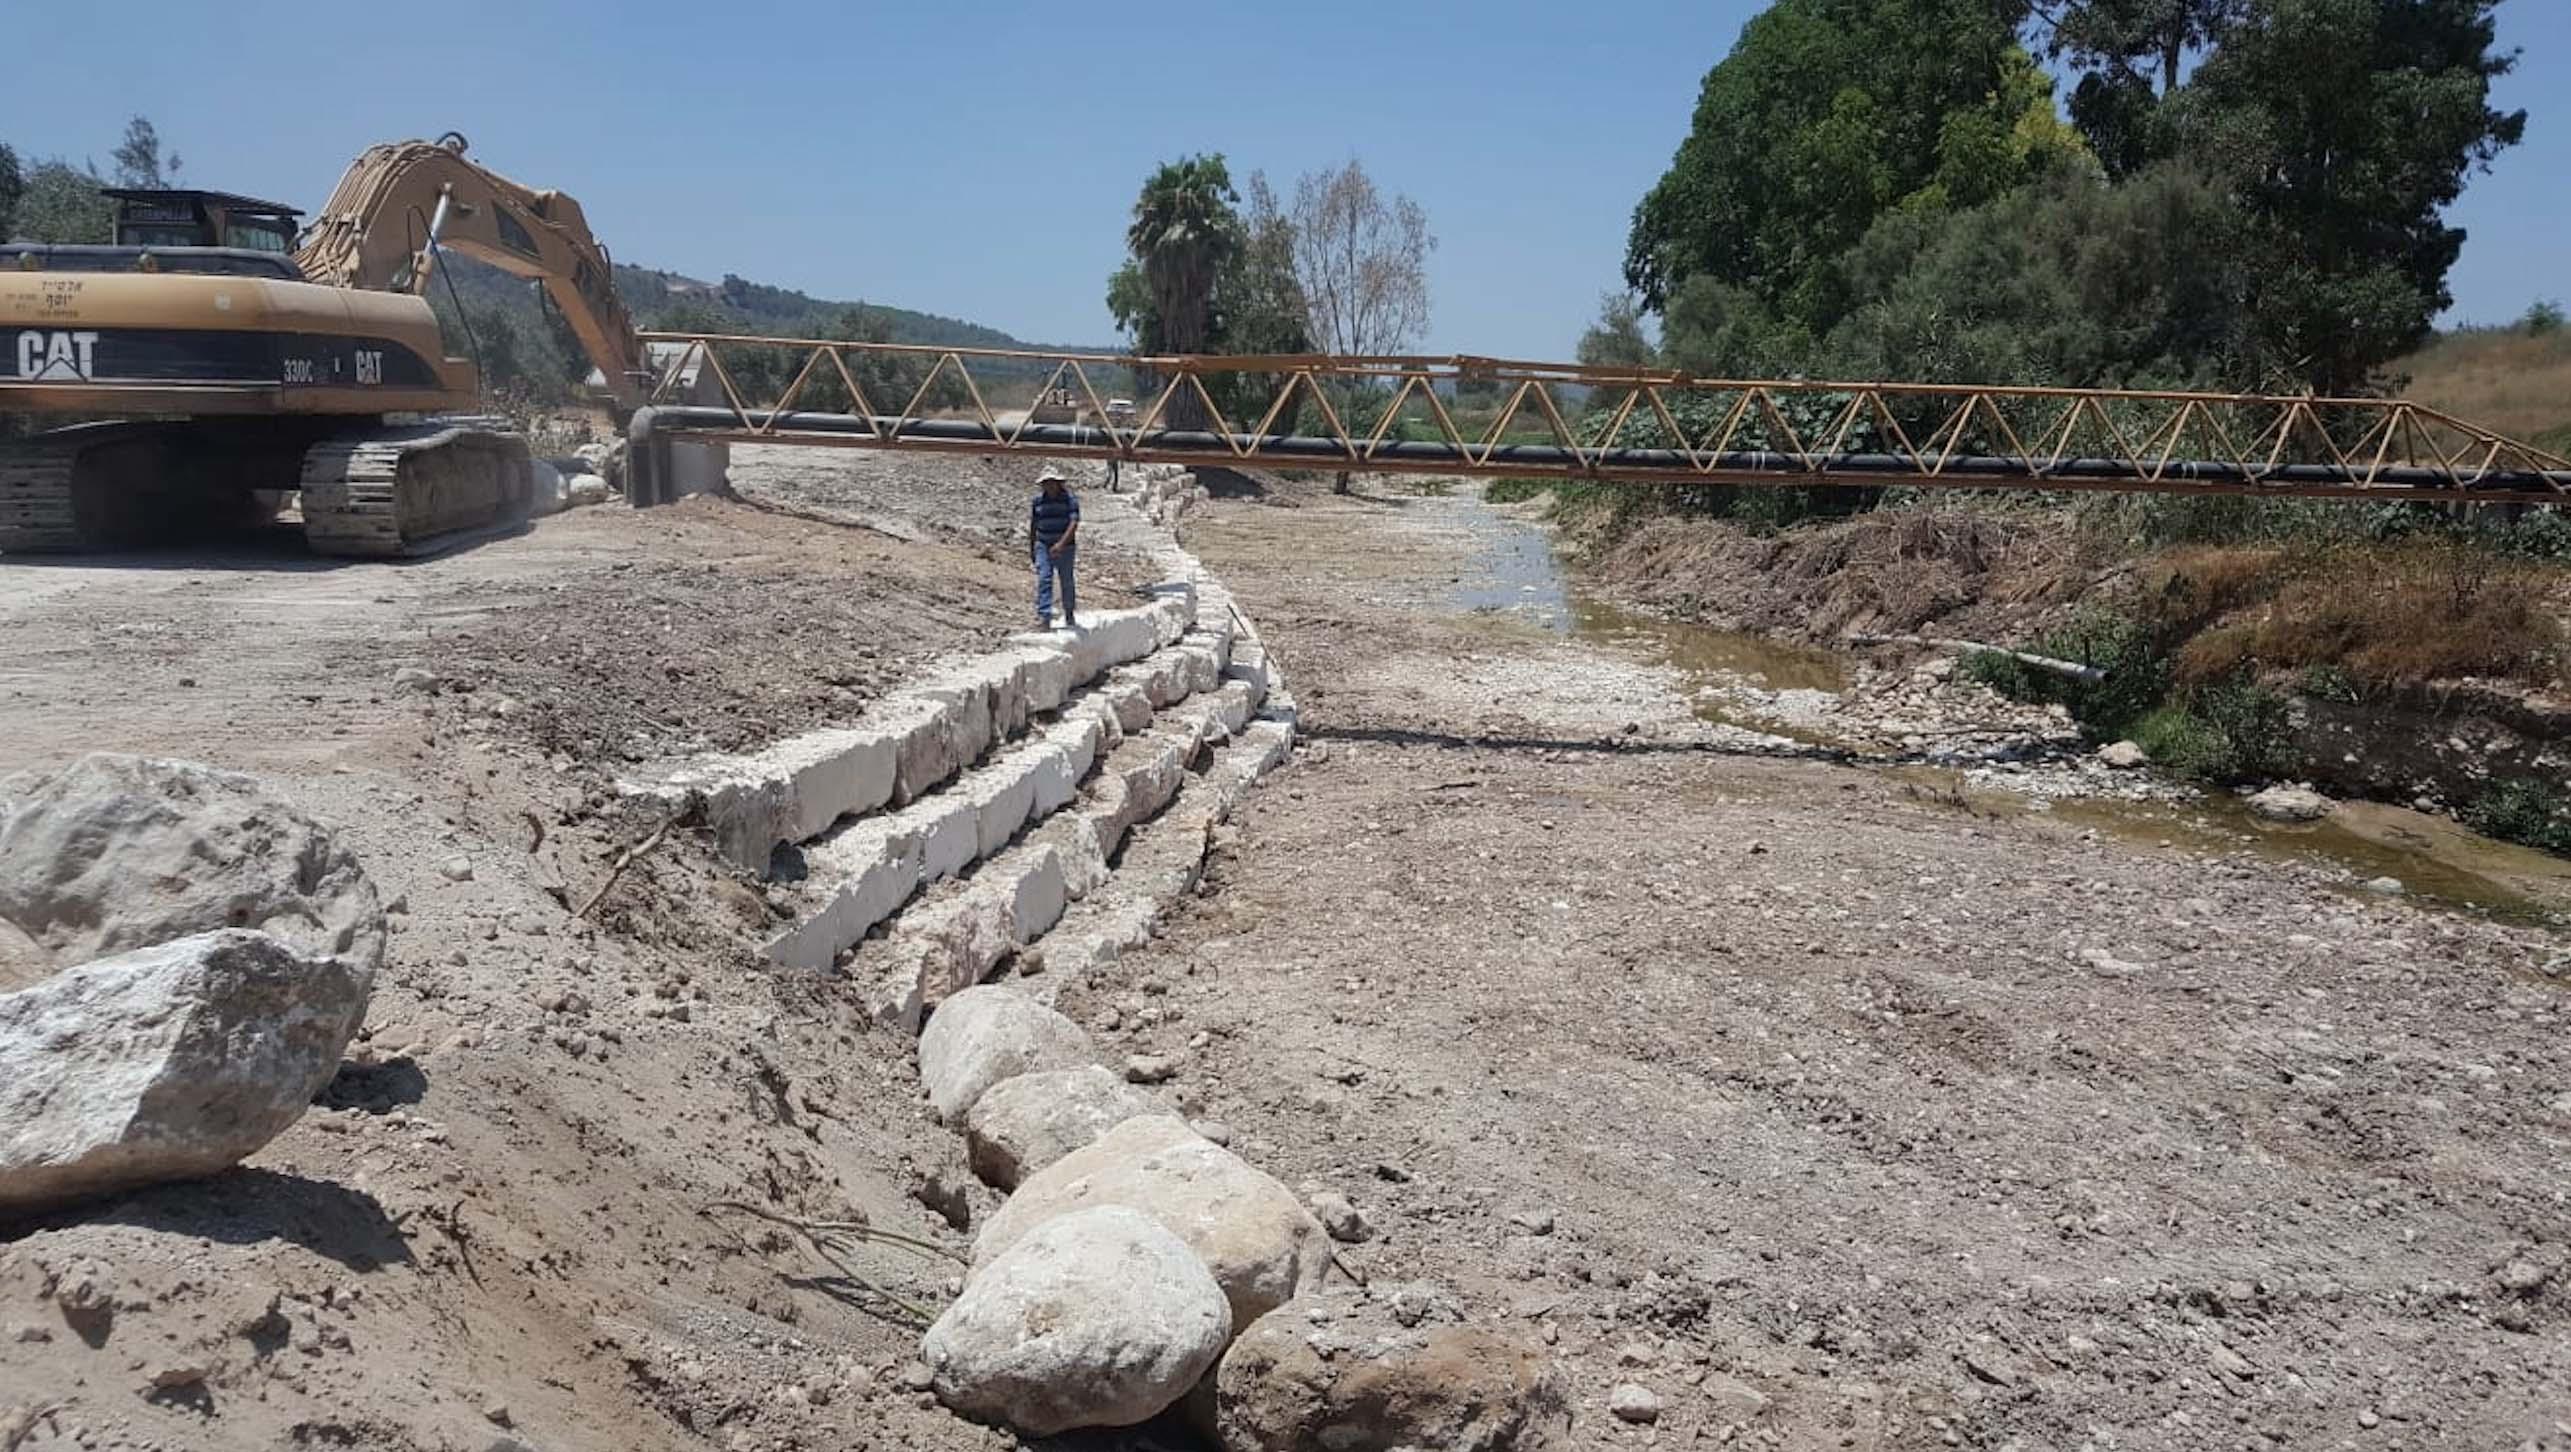 תיקון נזקי חורף בגדת נחל שורק באזור צורעה5